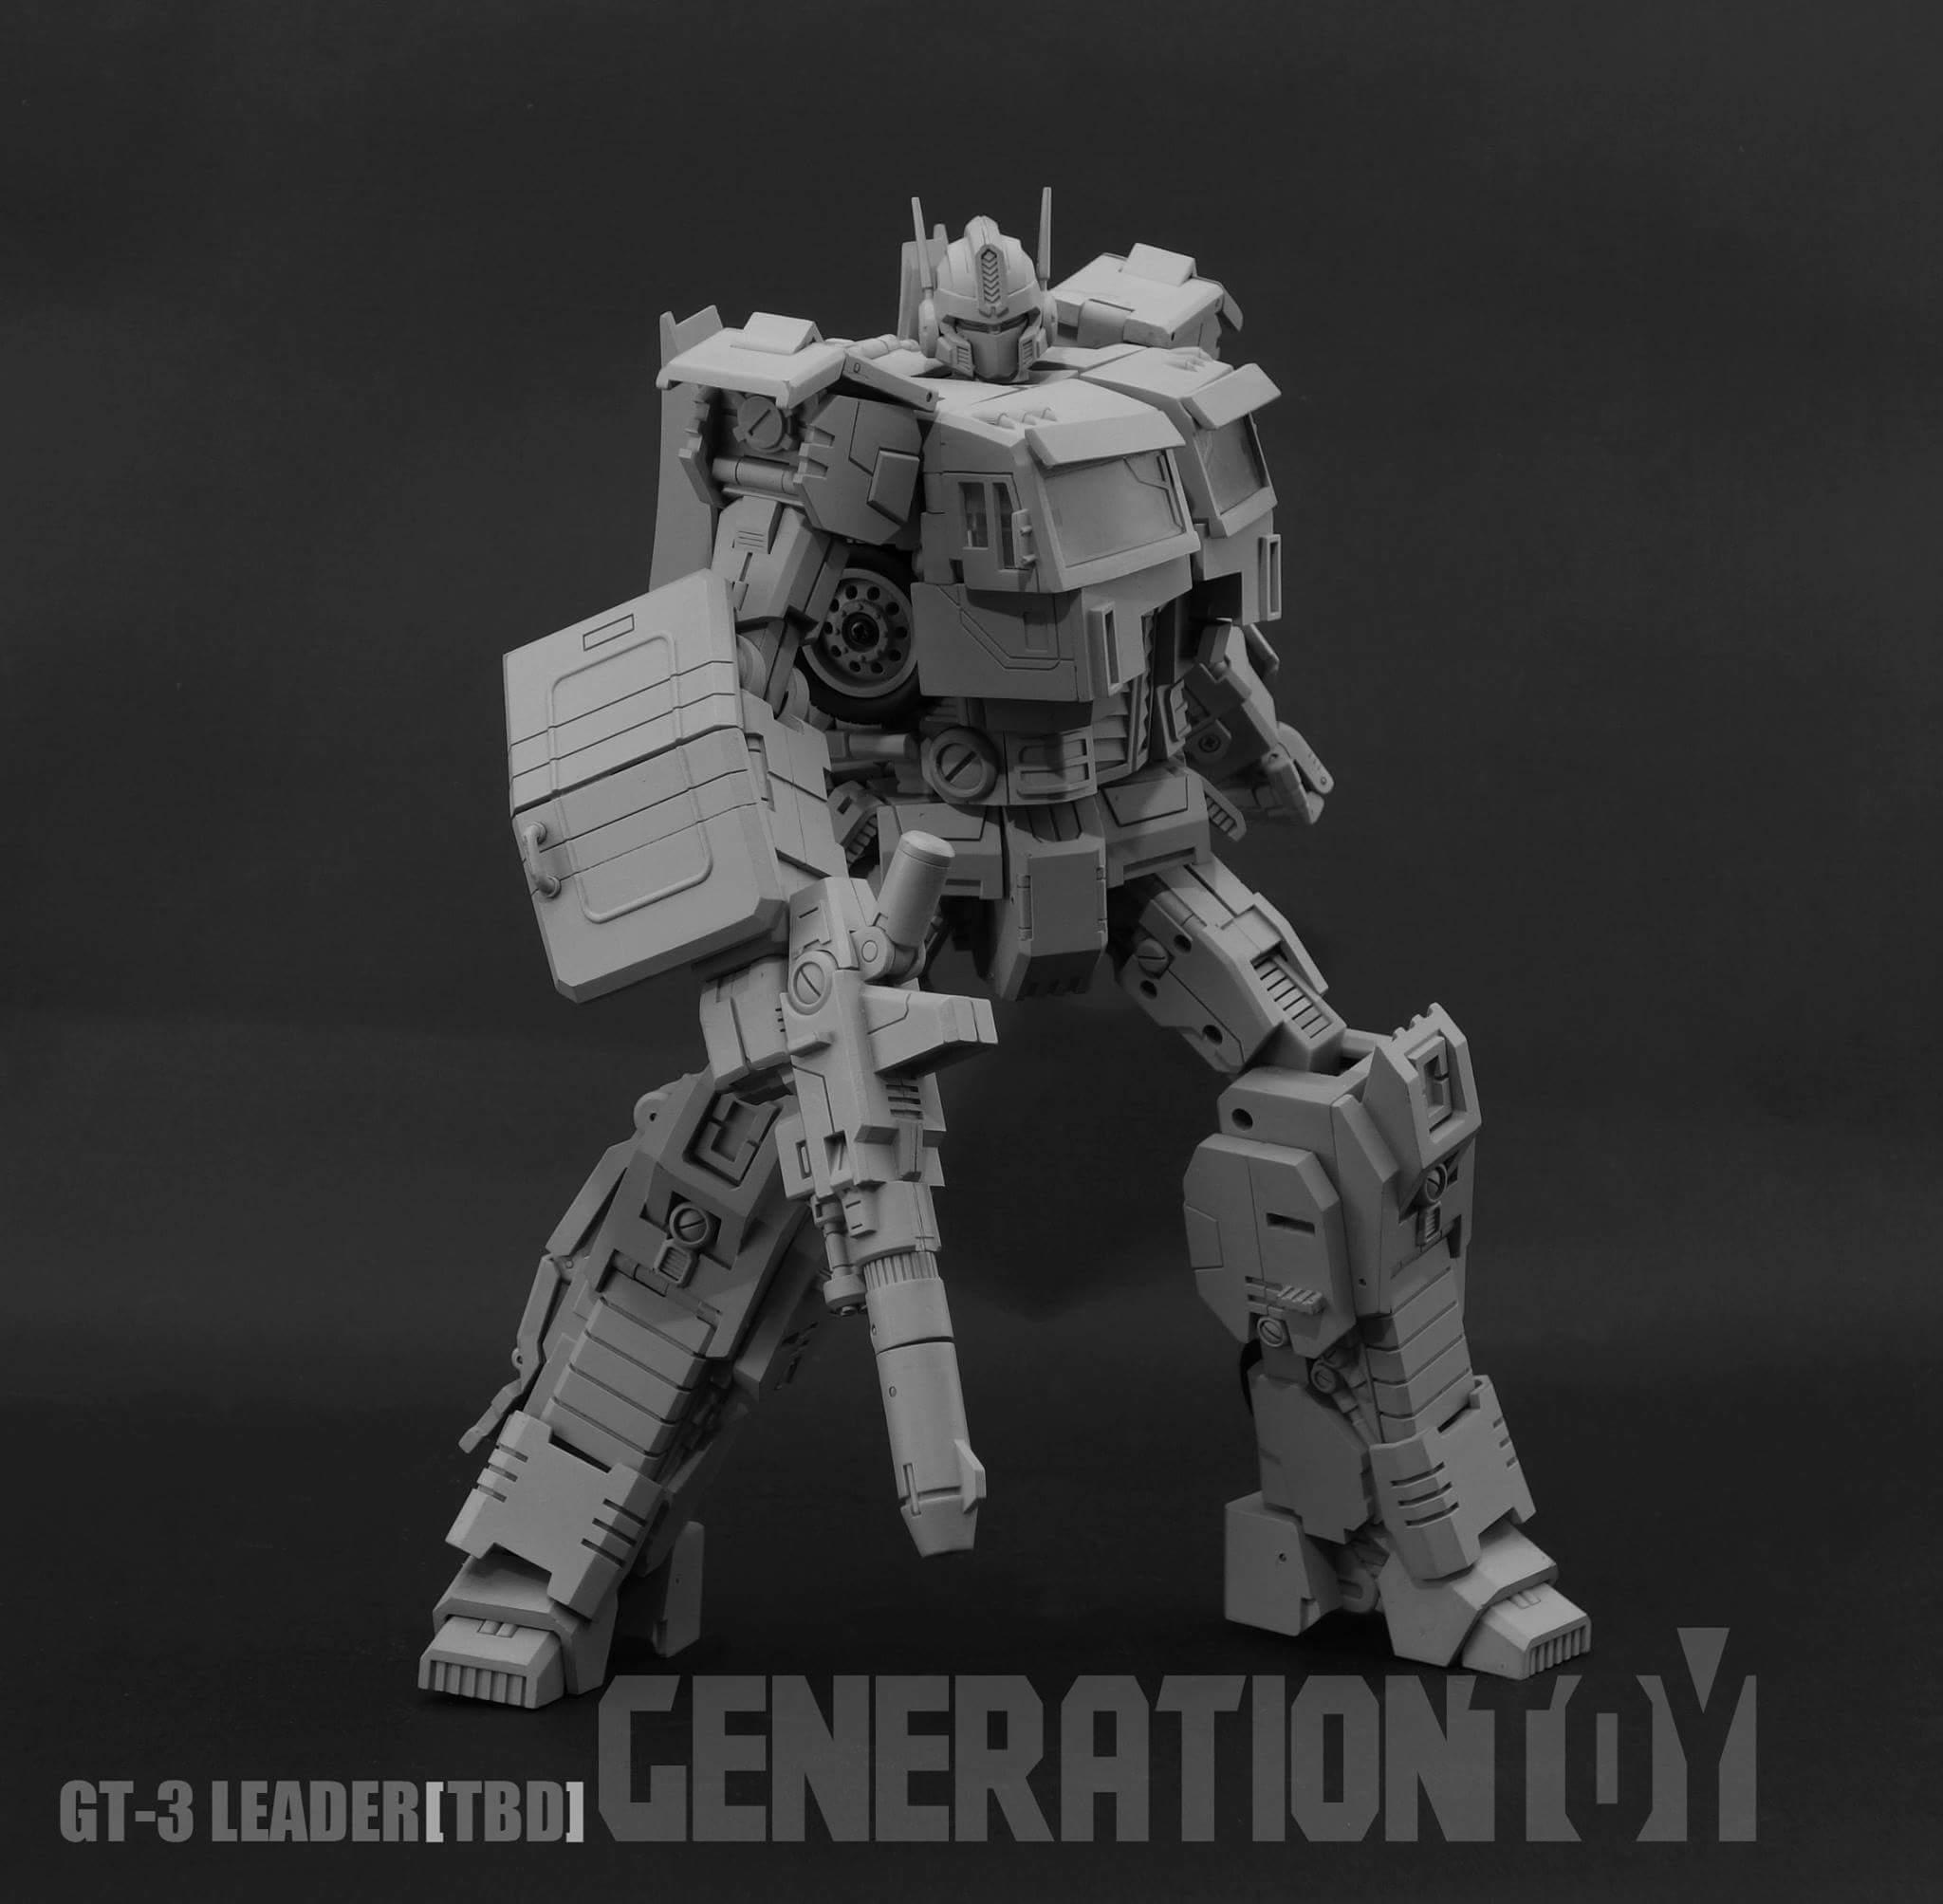 [Generation Toy] Produit Tiers - Jouets TF de la Gamme GT - des BD TF d'IDW - Page 3 KJAEsS2O